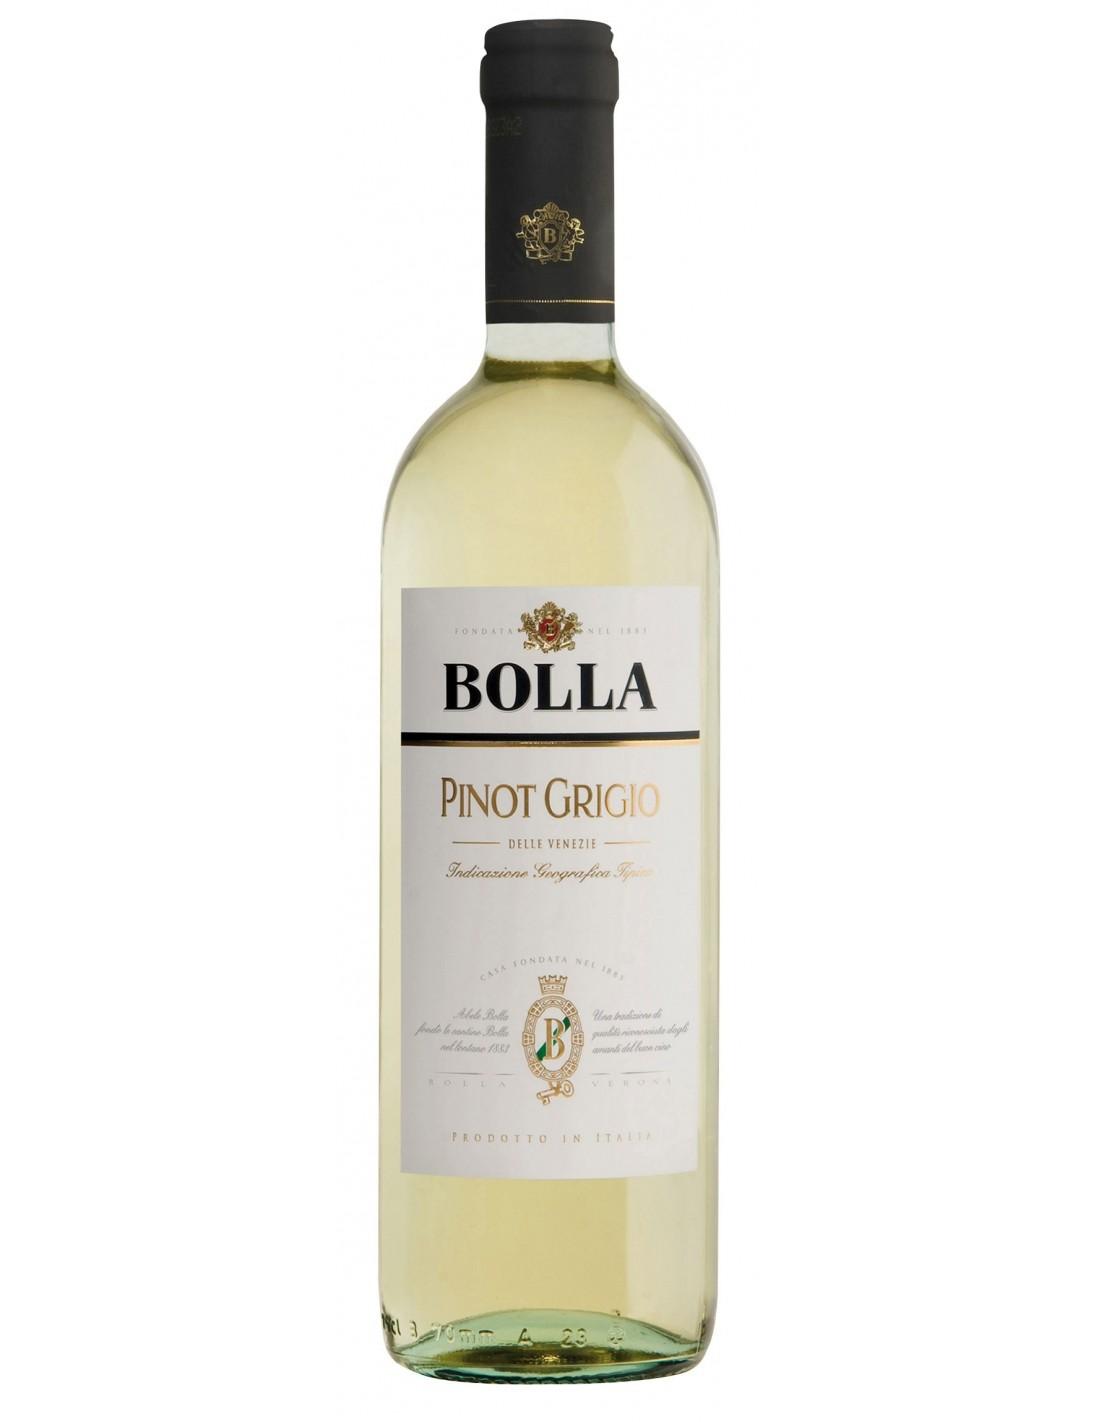 Vin alb, Pinot Grigio, Bolla delle Venezie, 0.75L, 12.5% alc., Italia